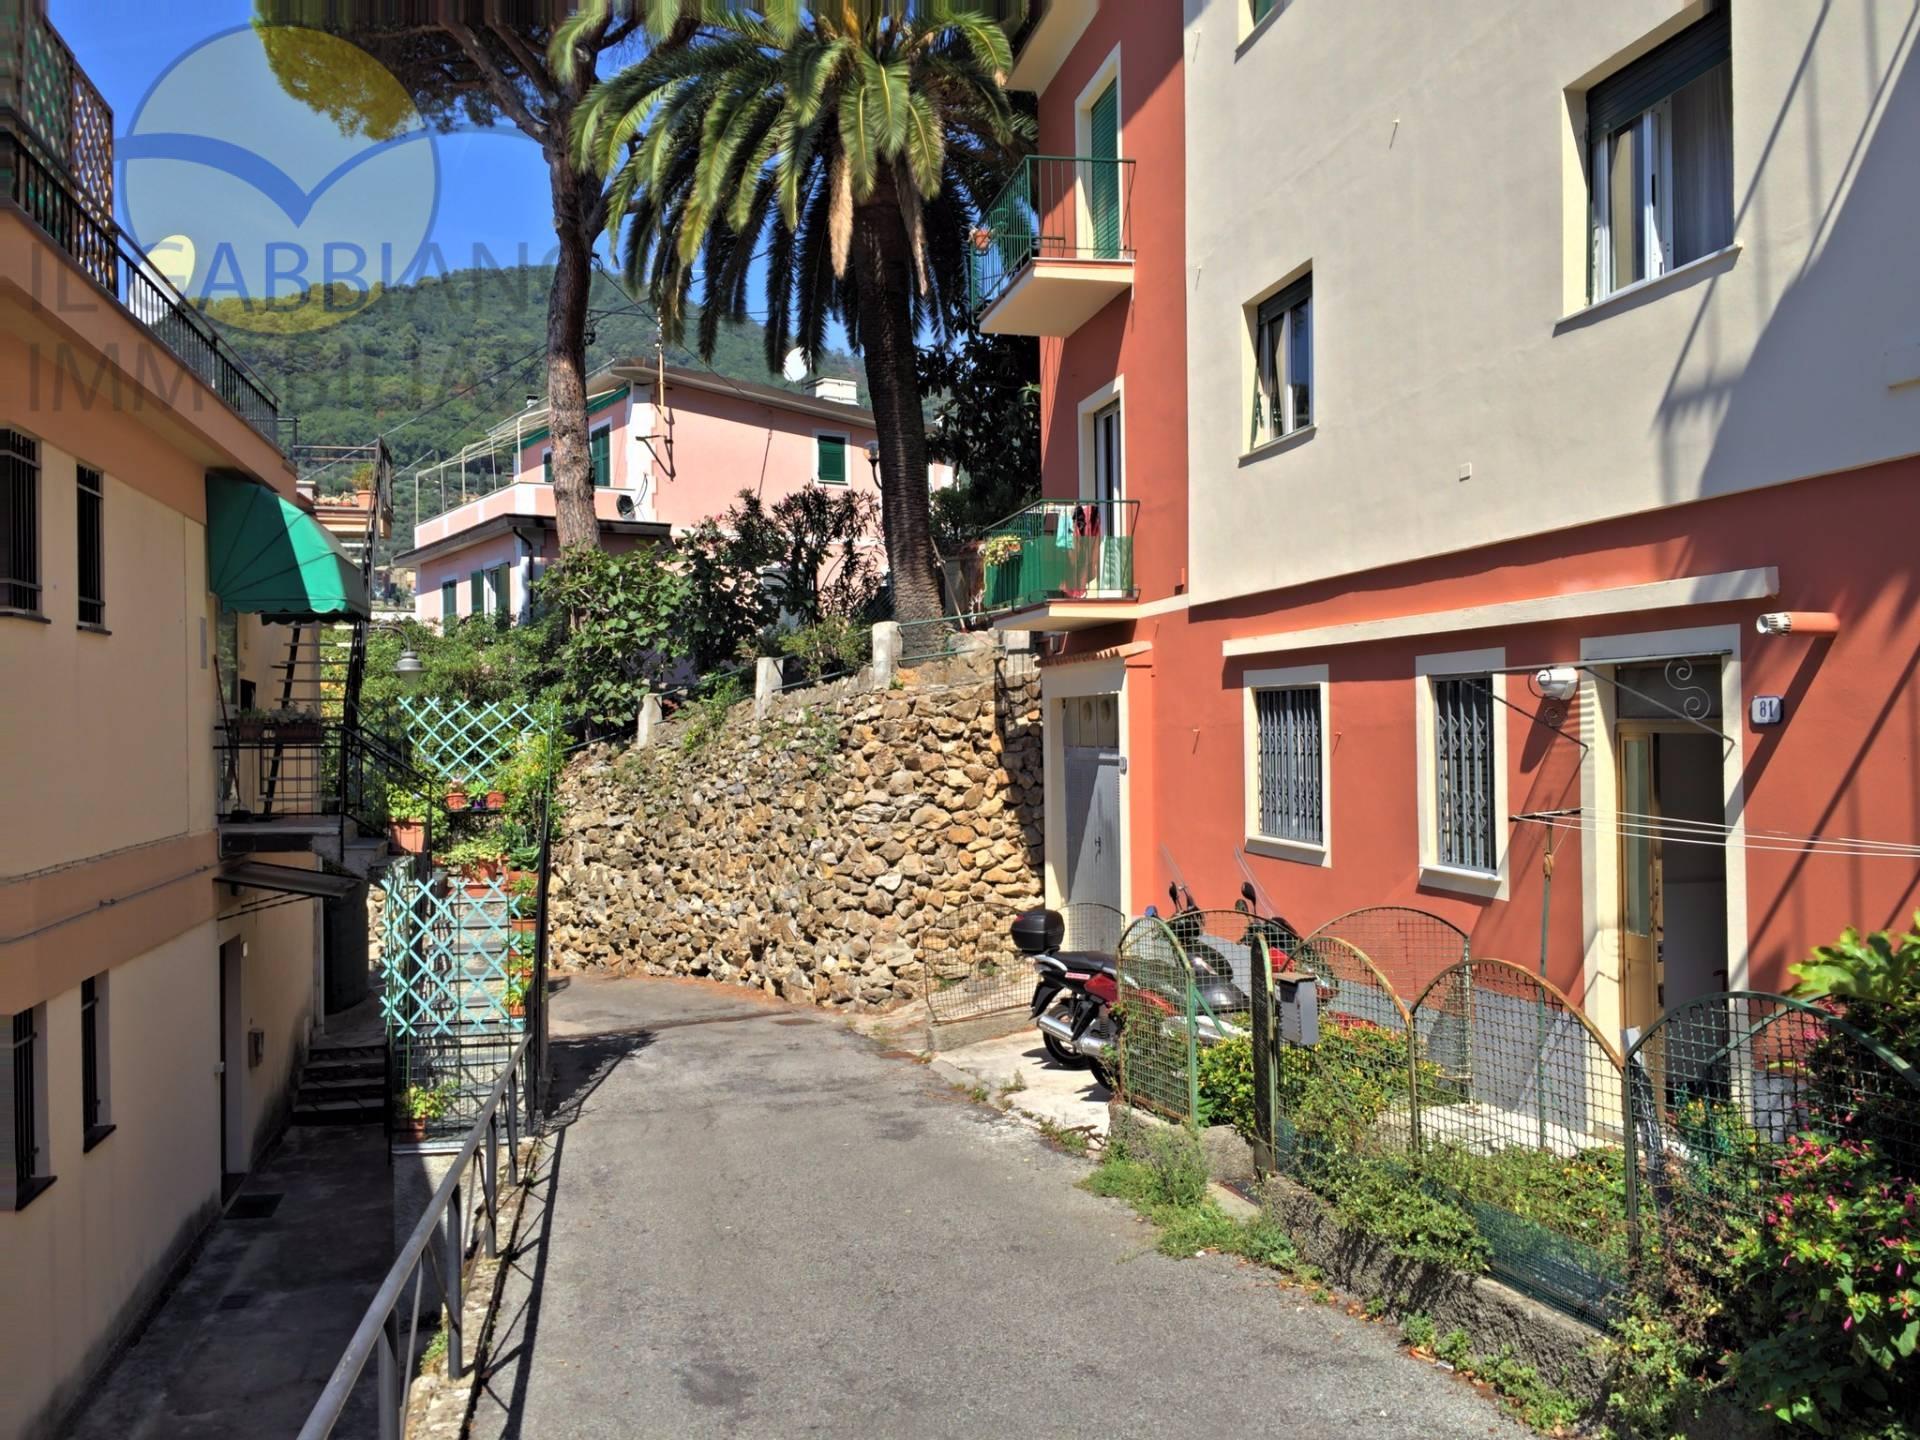 Appartamento in affitto a Recco, 3 locali, zona Località: centrale, prezzo € 400 | Cambio Casa.it